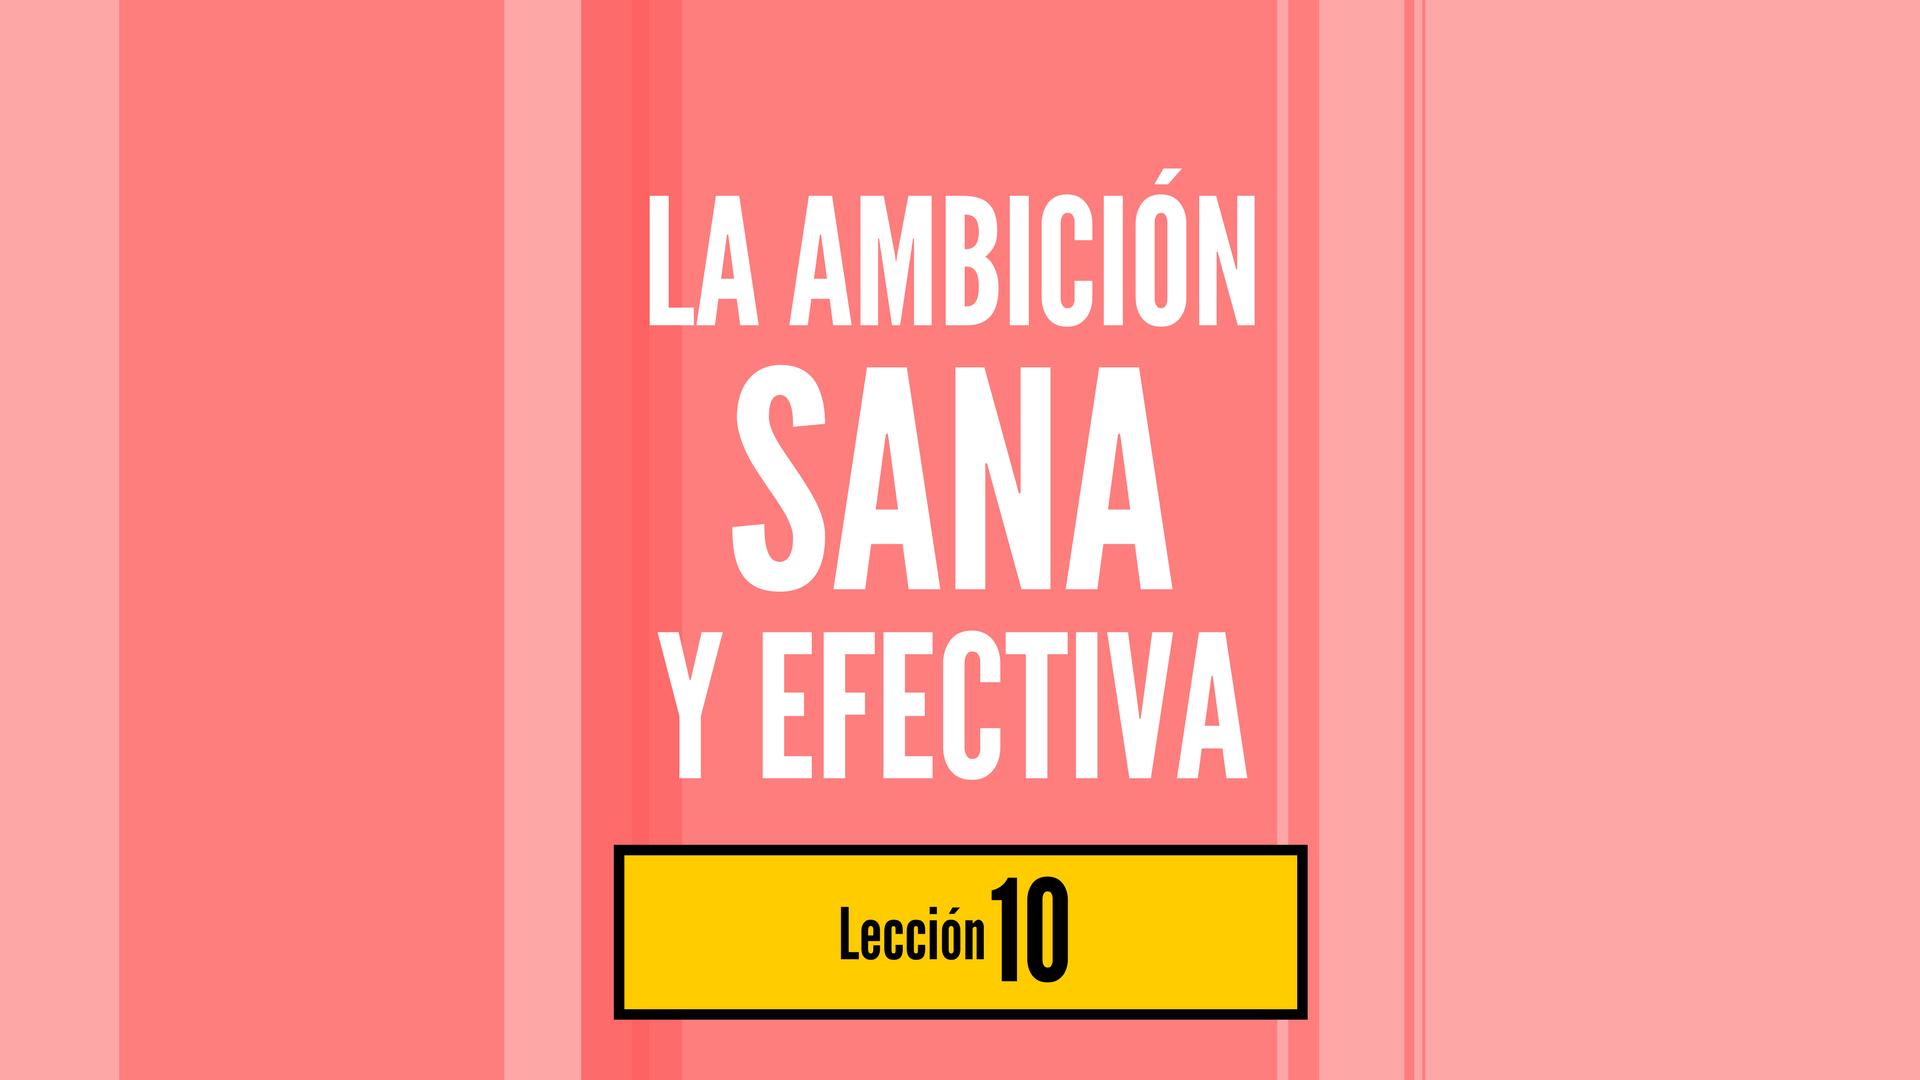 La Ambición Sana y Efectiva, lección 10